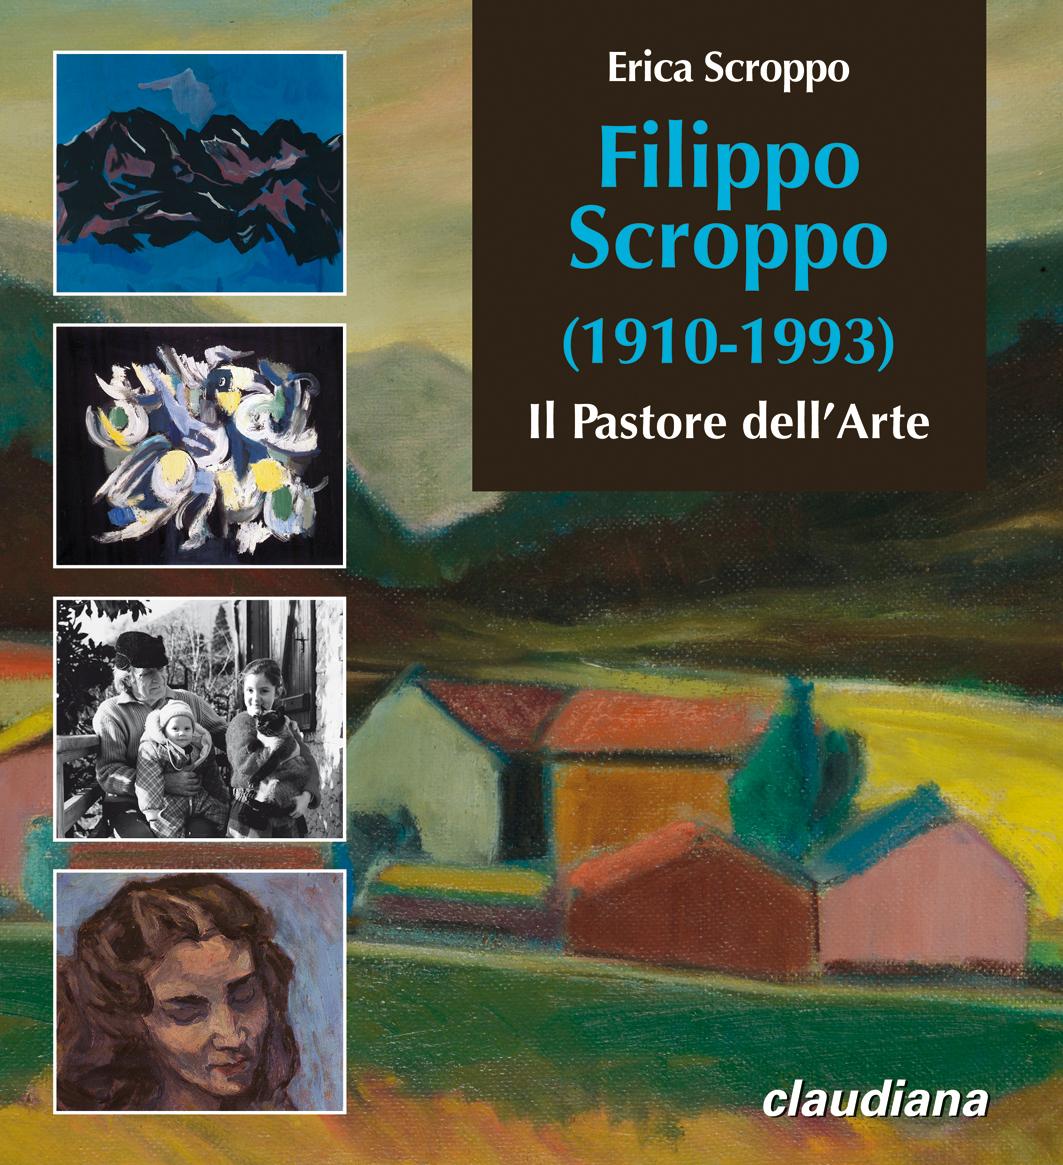 filippo-scroppo-1910-1993-1006